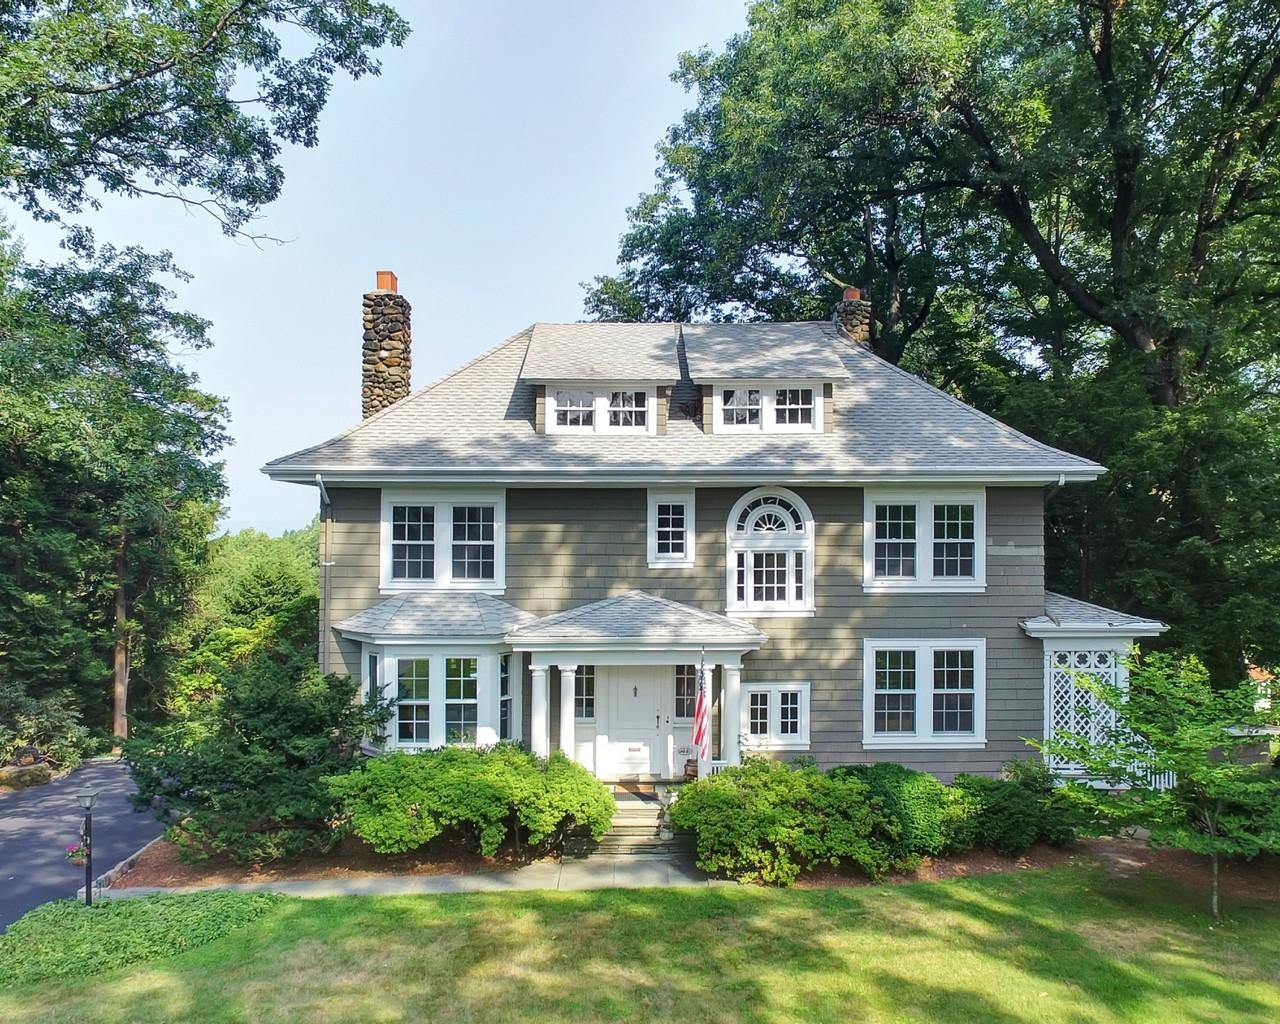 Maison unifamiliale pour l Vente à Grand Center Hall Colonial 44 Rensselaer Rd. Essex Fells, New Jersey, 07021 États-Unis